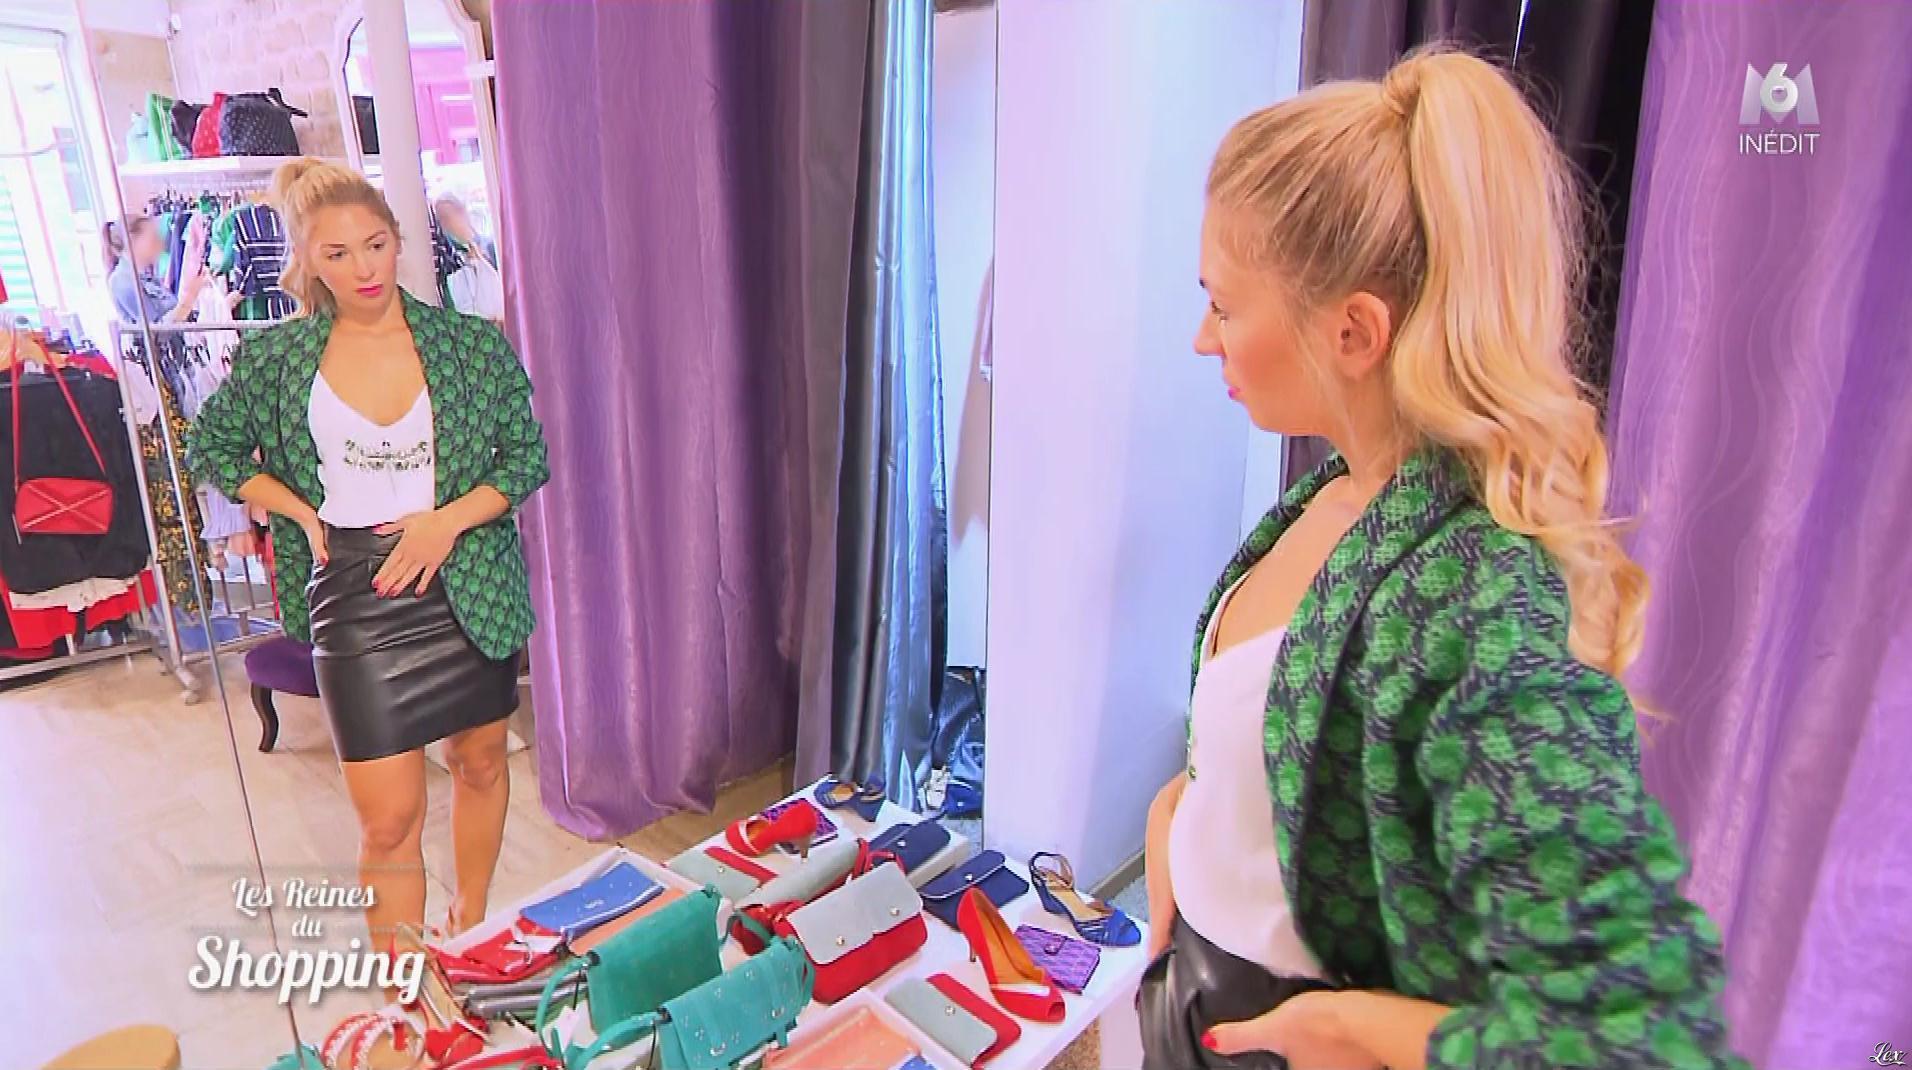 Inconnue dans les Reines du Shopping. Diffusé à la télévision le 31/10/18.